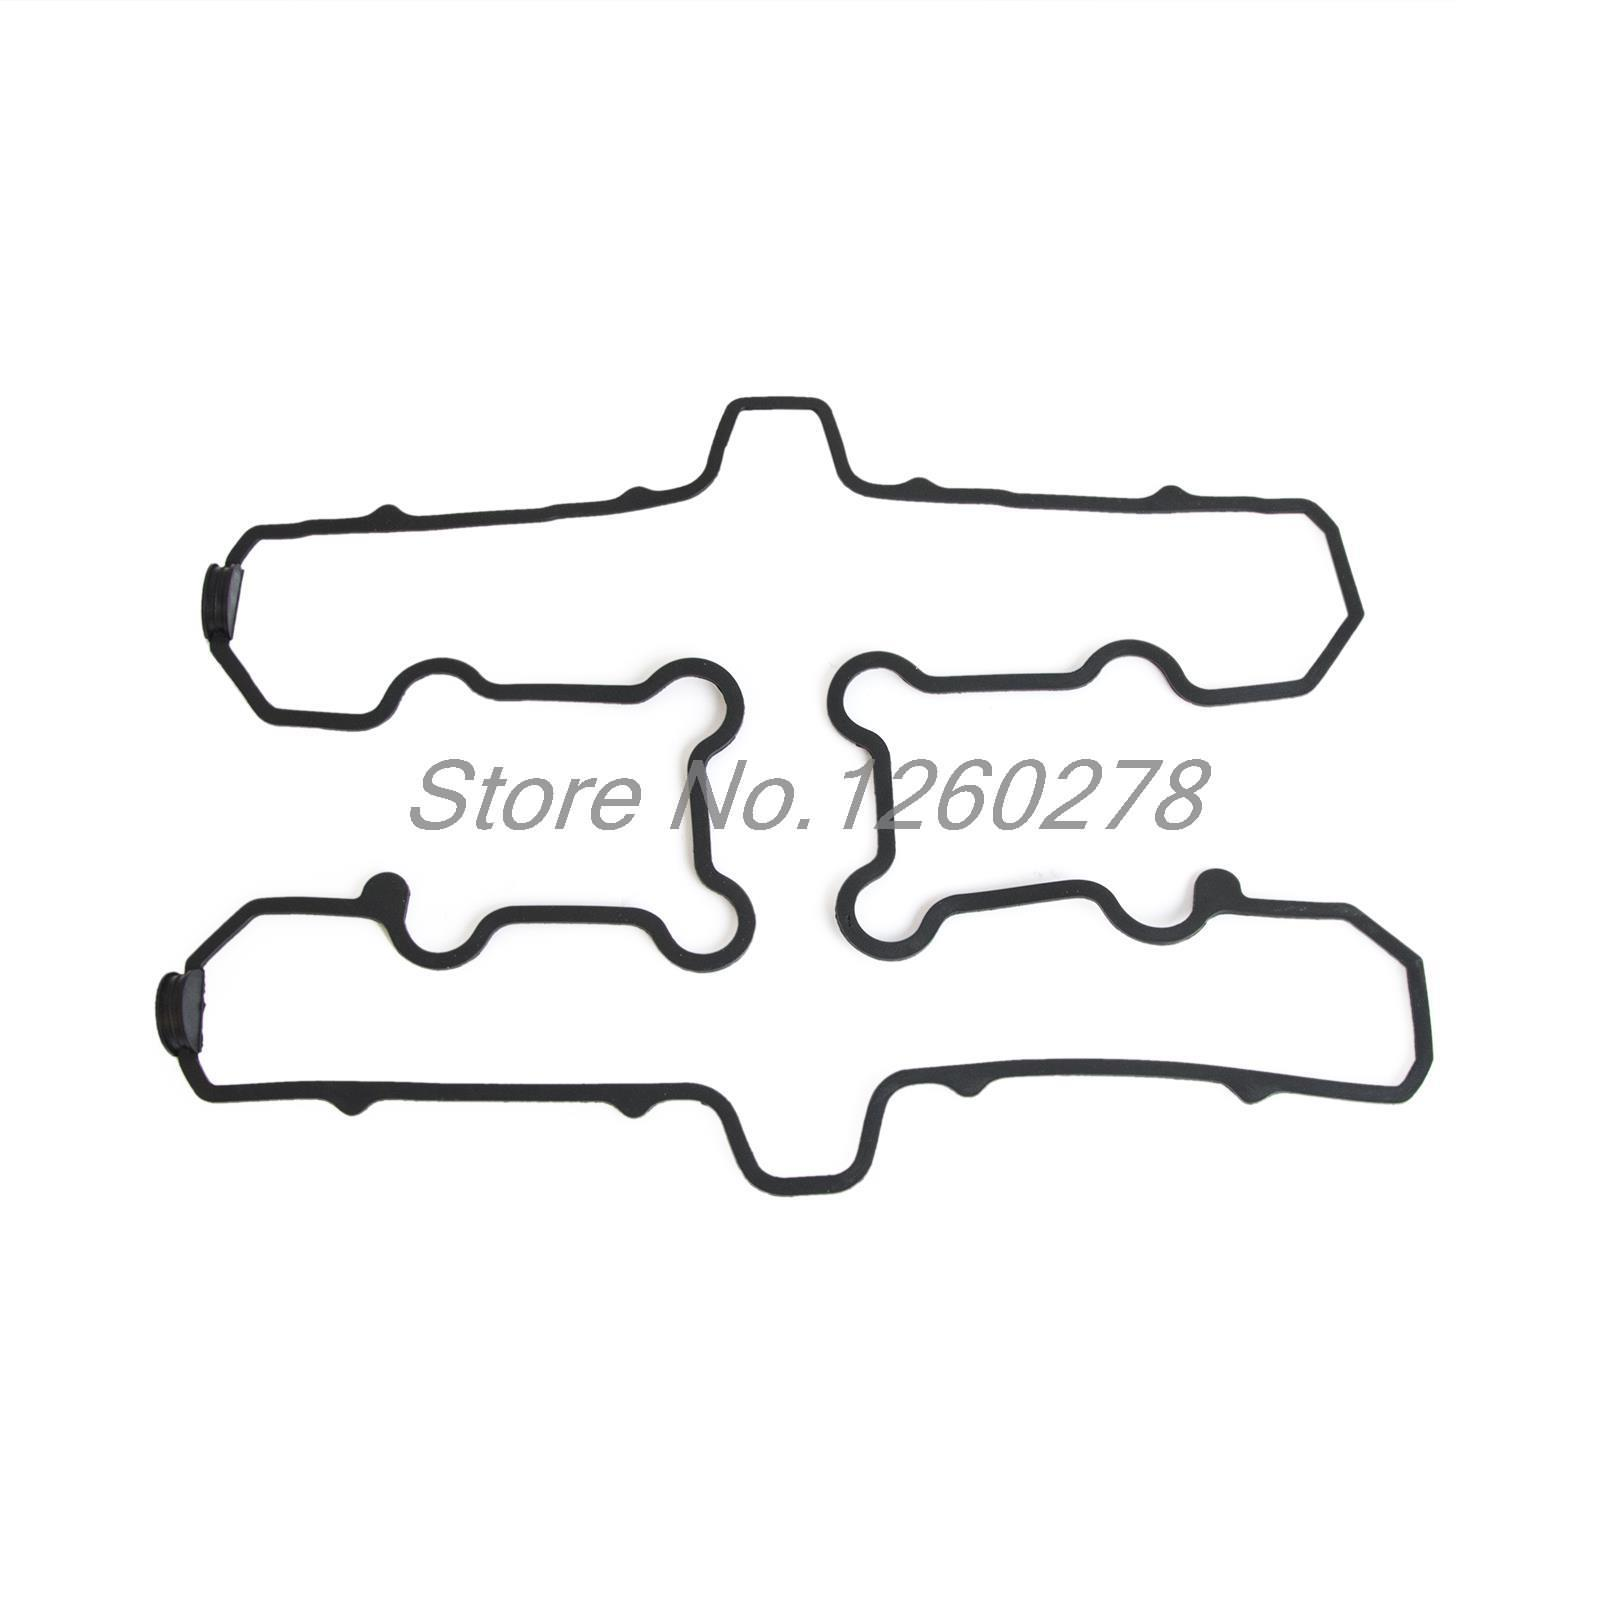 Acheter Pièces de moto Couvercle De Culasse Joint pour Yamaha FJ1100 FJ1200 XJR1200 XJR1300 XJR 1200 1300 nouveau de motorcycle parts fiable fournisseurs